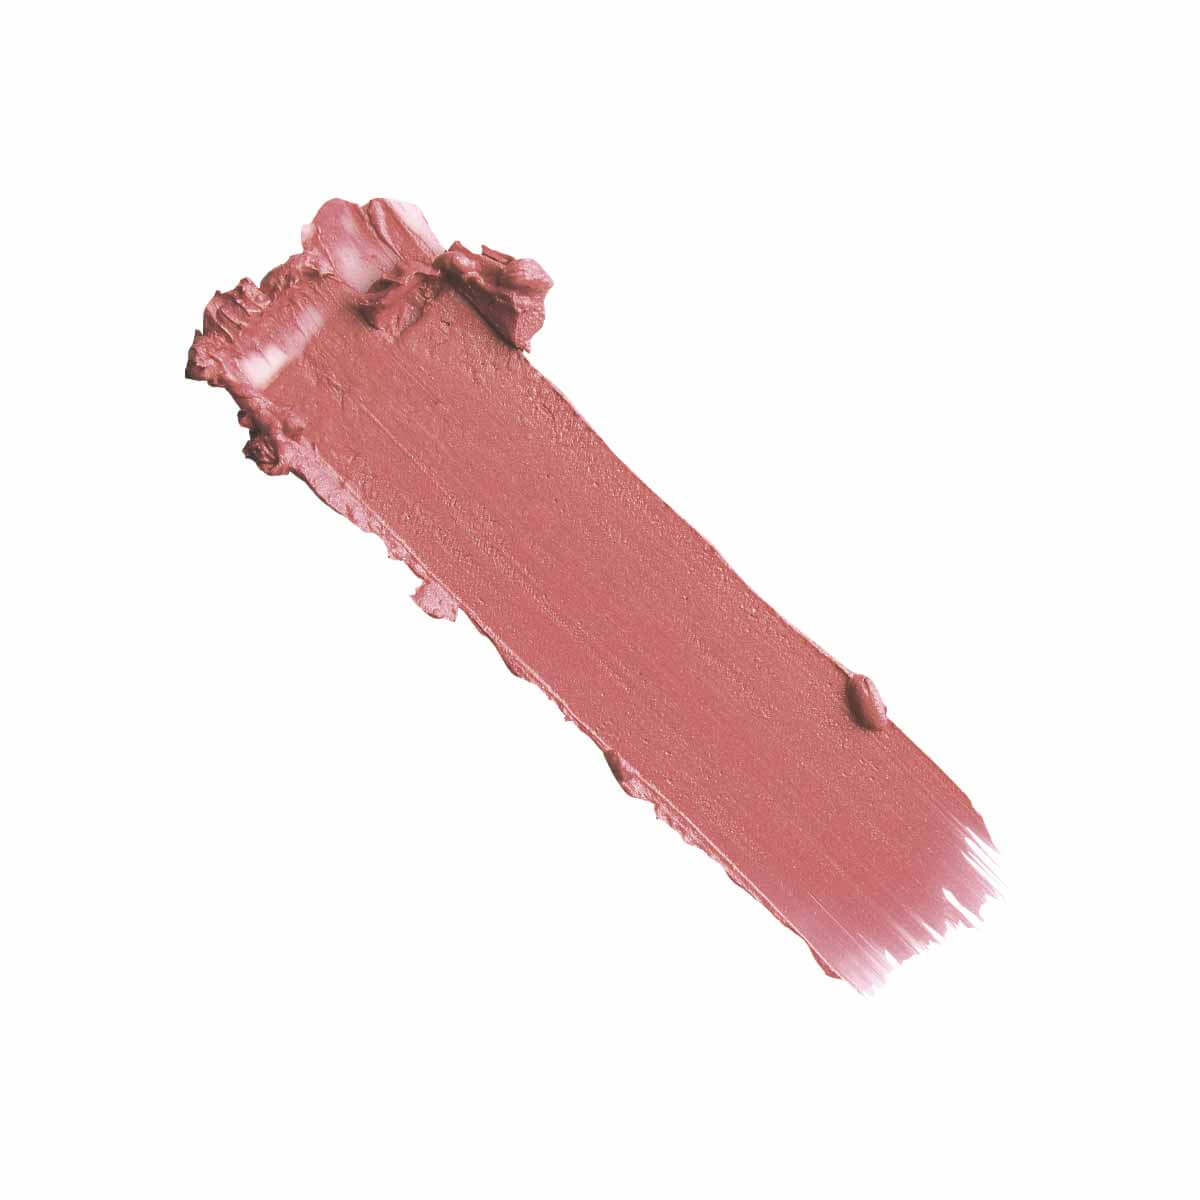 Купить Сатиновая помада Hailey Baldwin for ModelCo Perfect Pout Semi-Matte Lipstick (различные оттенки) - Bossa Nova